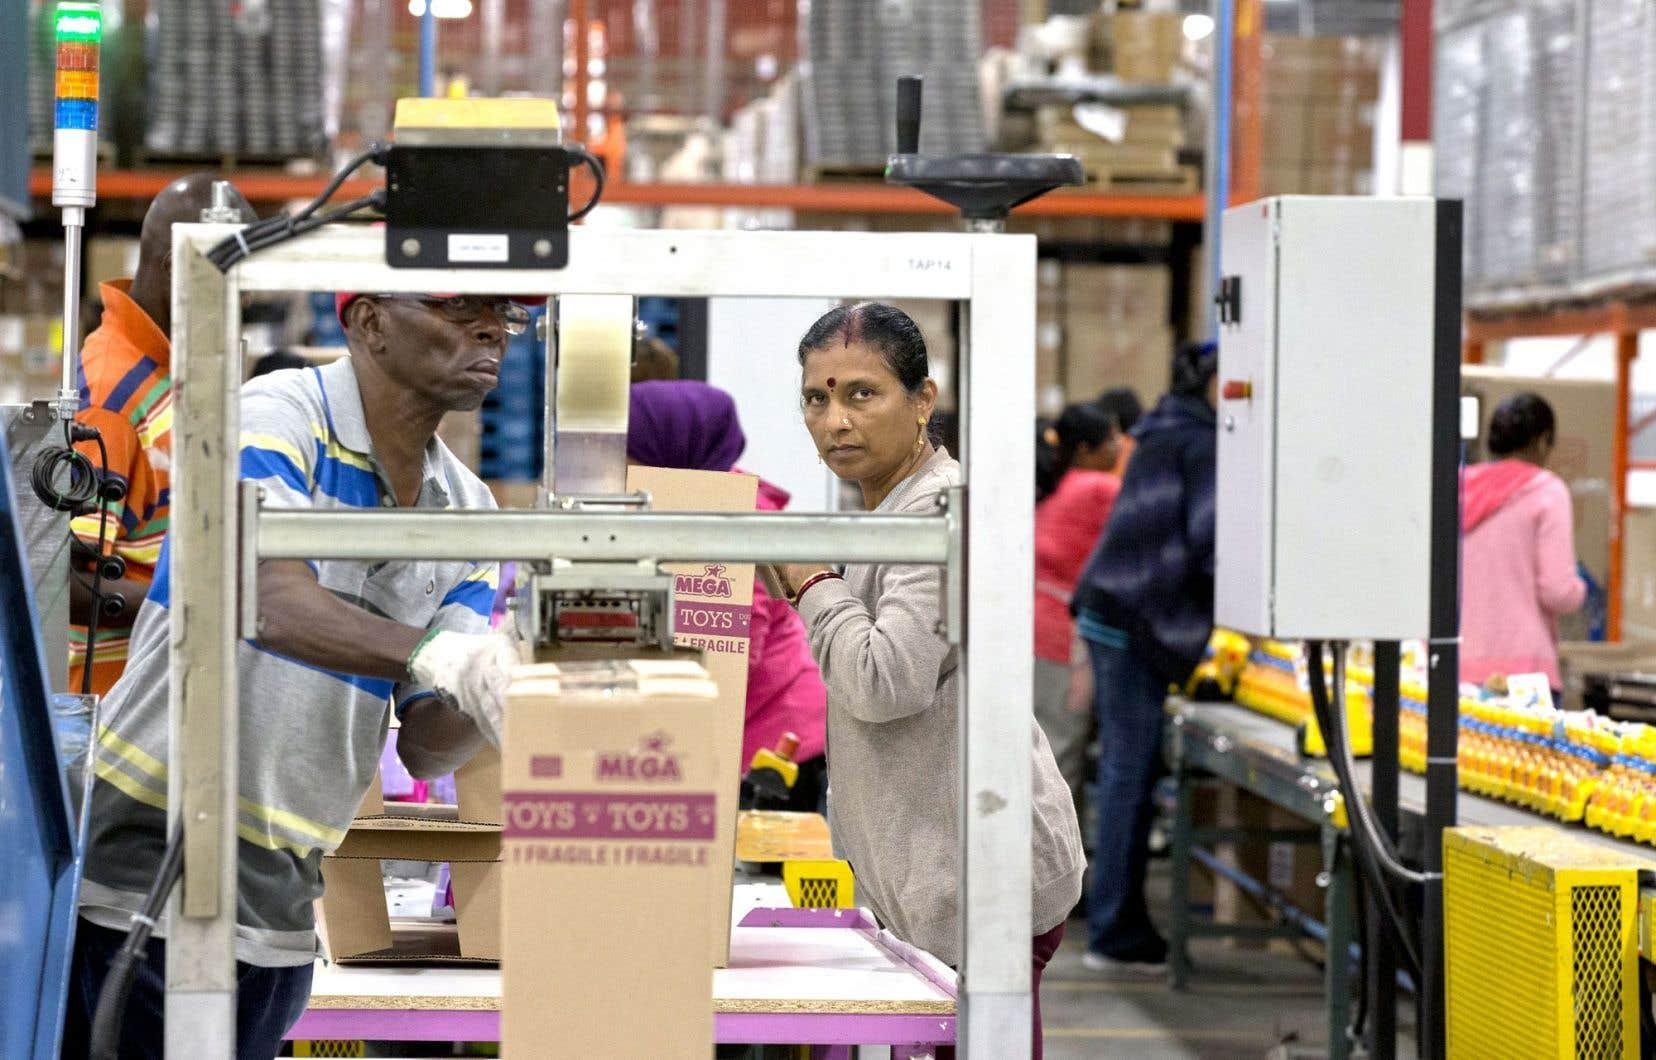 Le gouvernement Couillard entend faciliter l'accès des immigrants au marché du travail.